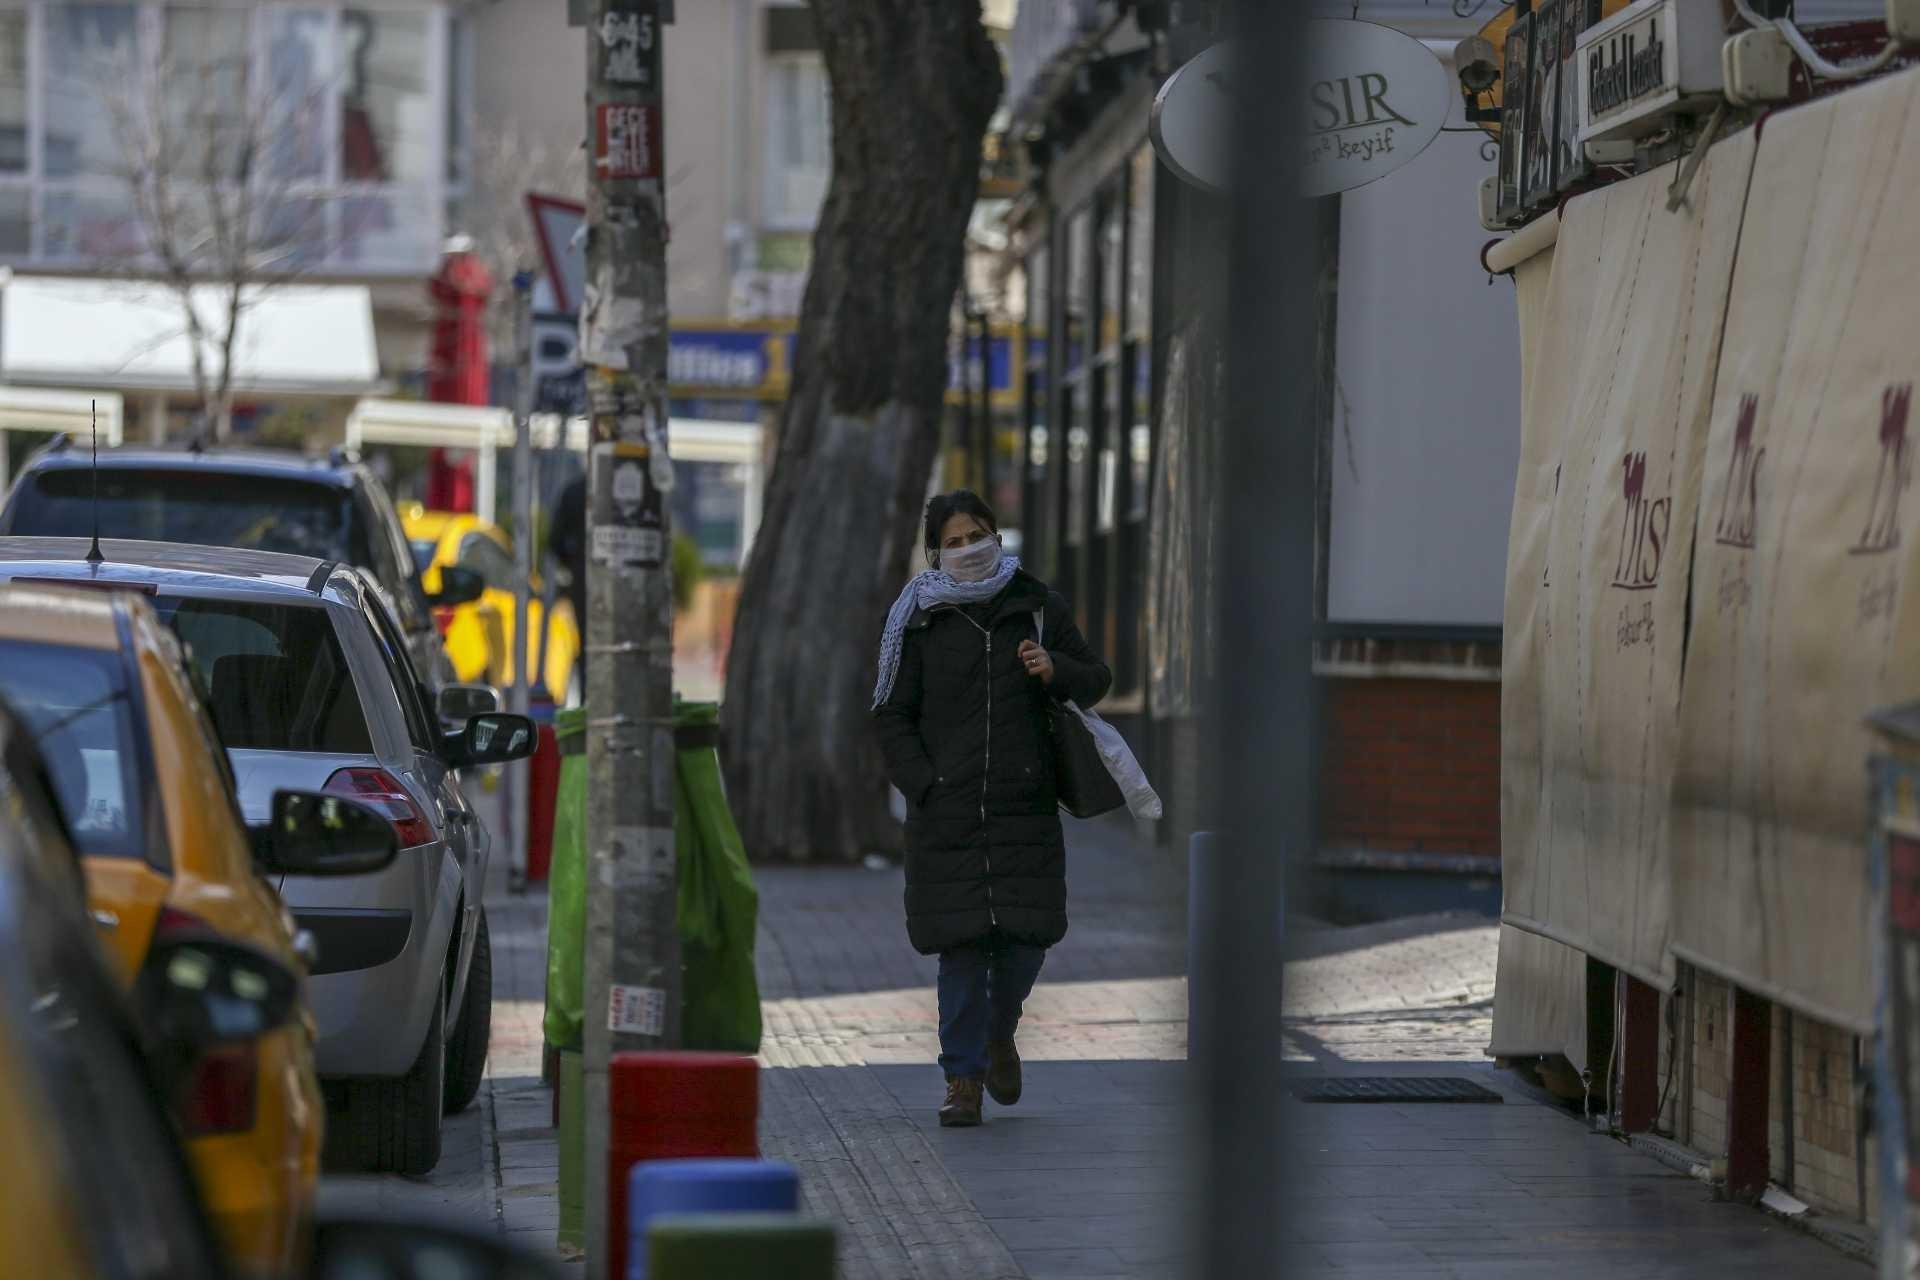 Ankara'da tenha caddede ağzı ve burnu kapalı halde yürüyen bir kadın.